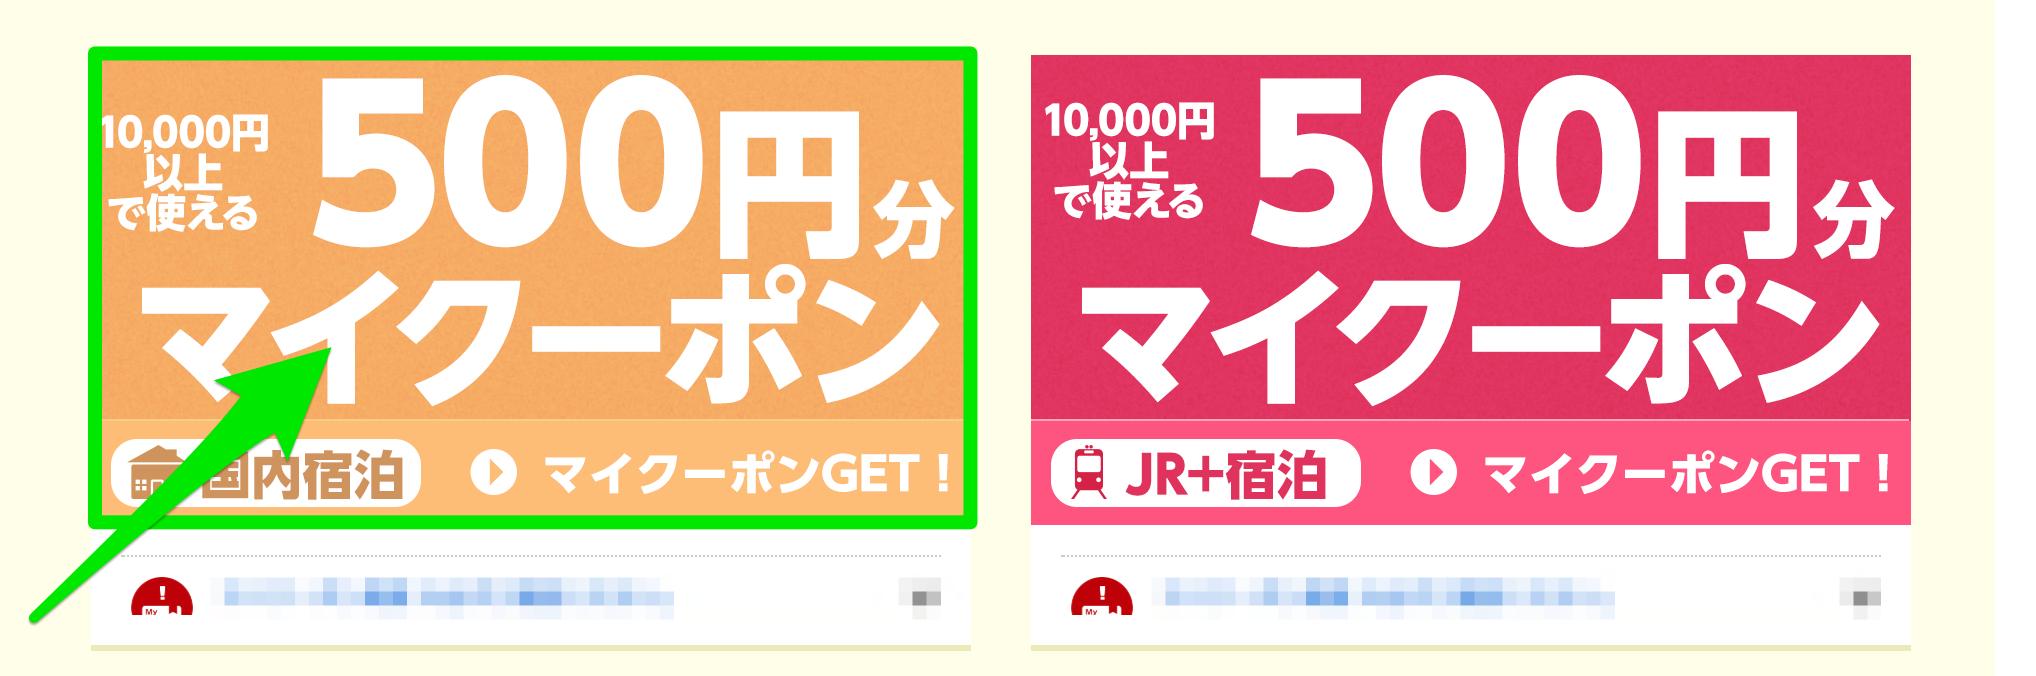 日本旅行の割引クーポンを獲得する方法